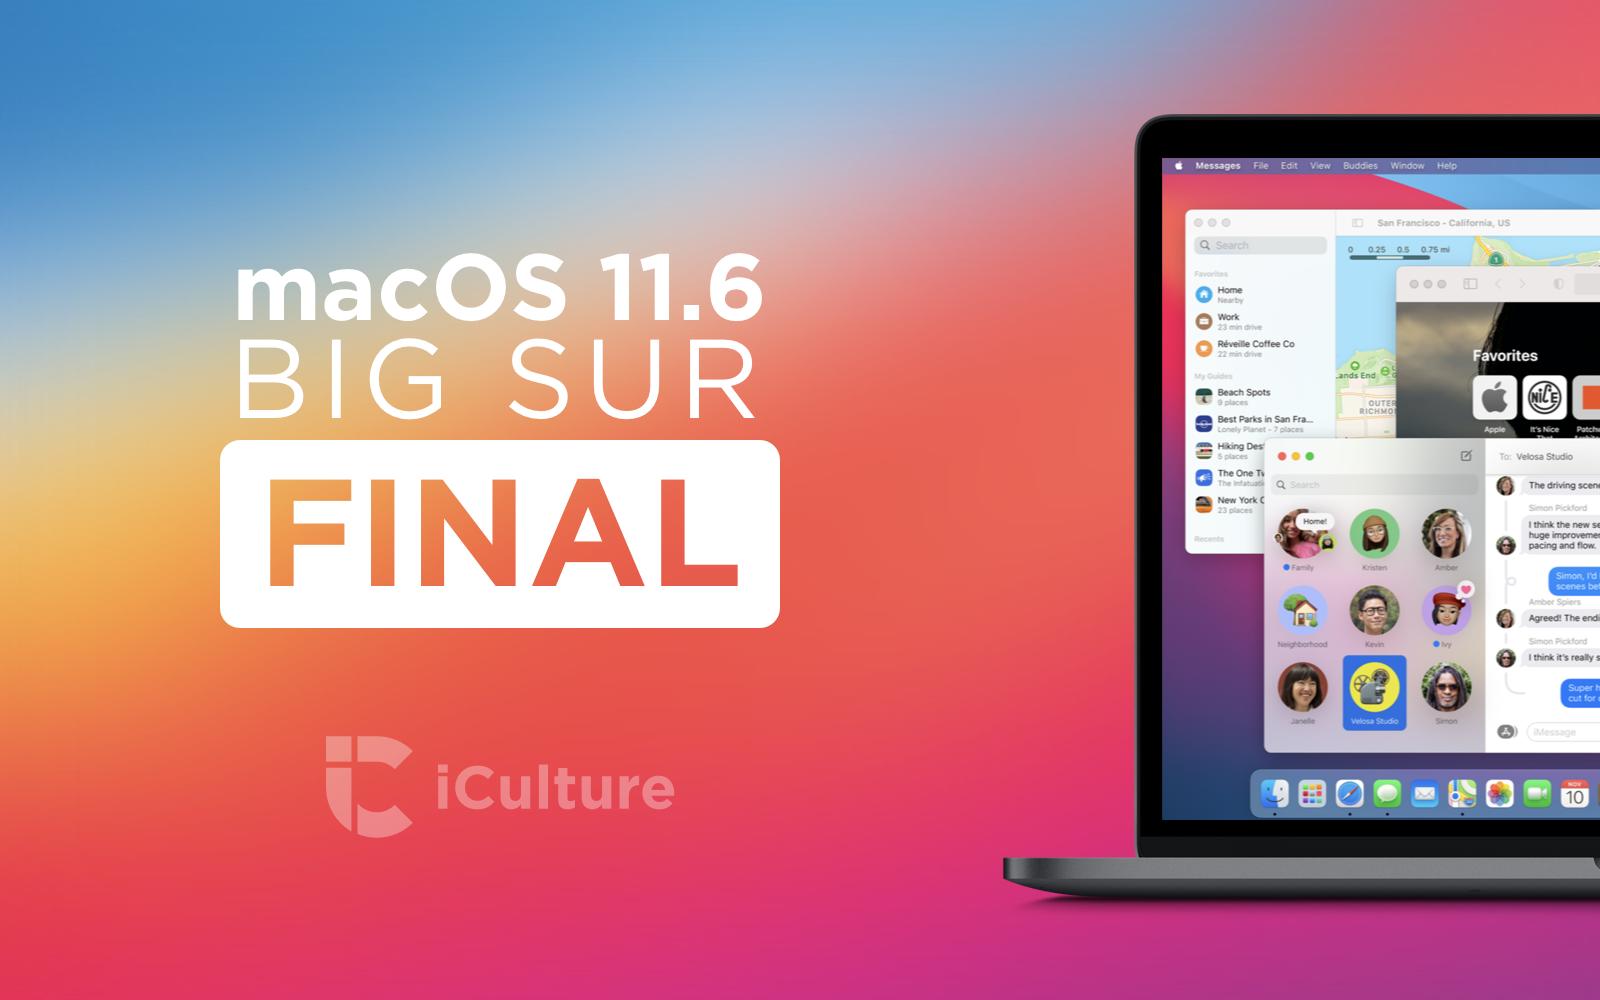 macOS Big Sur 11.6.